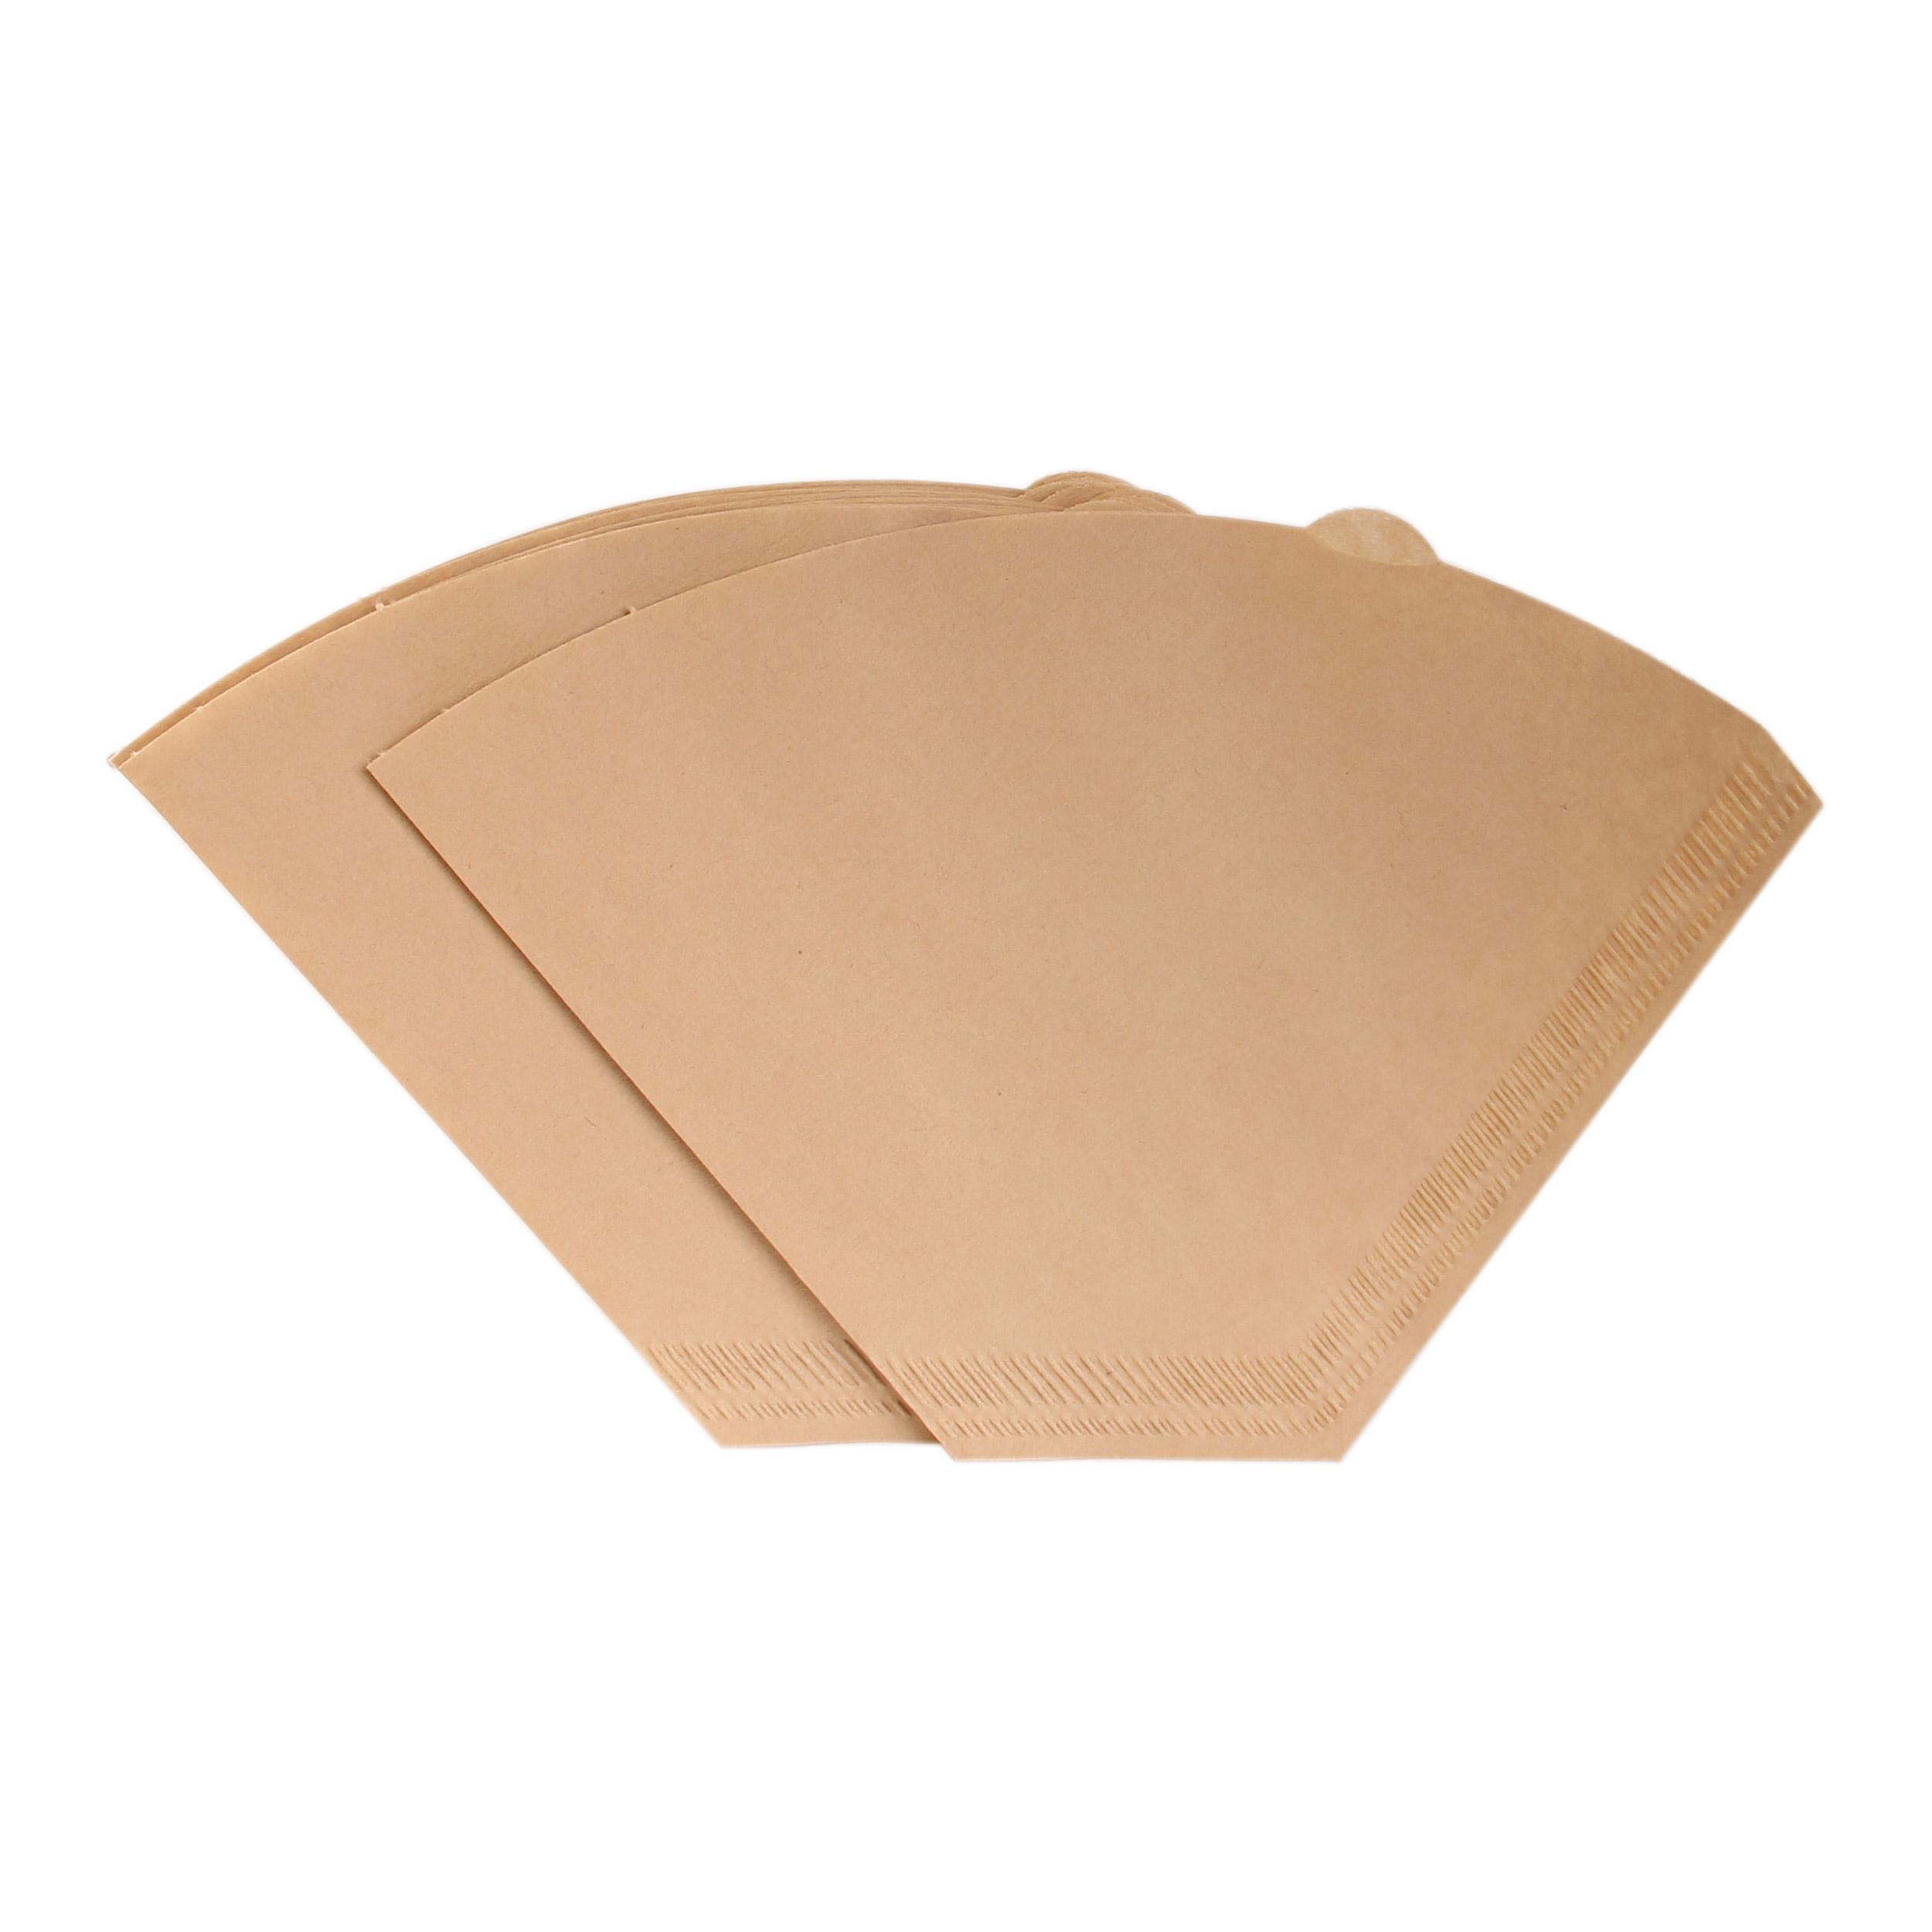 قیمت                      فیلتر کاغذی قهوه مدل A02 بسته 20 عددی